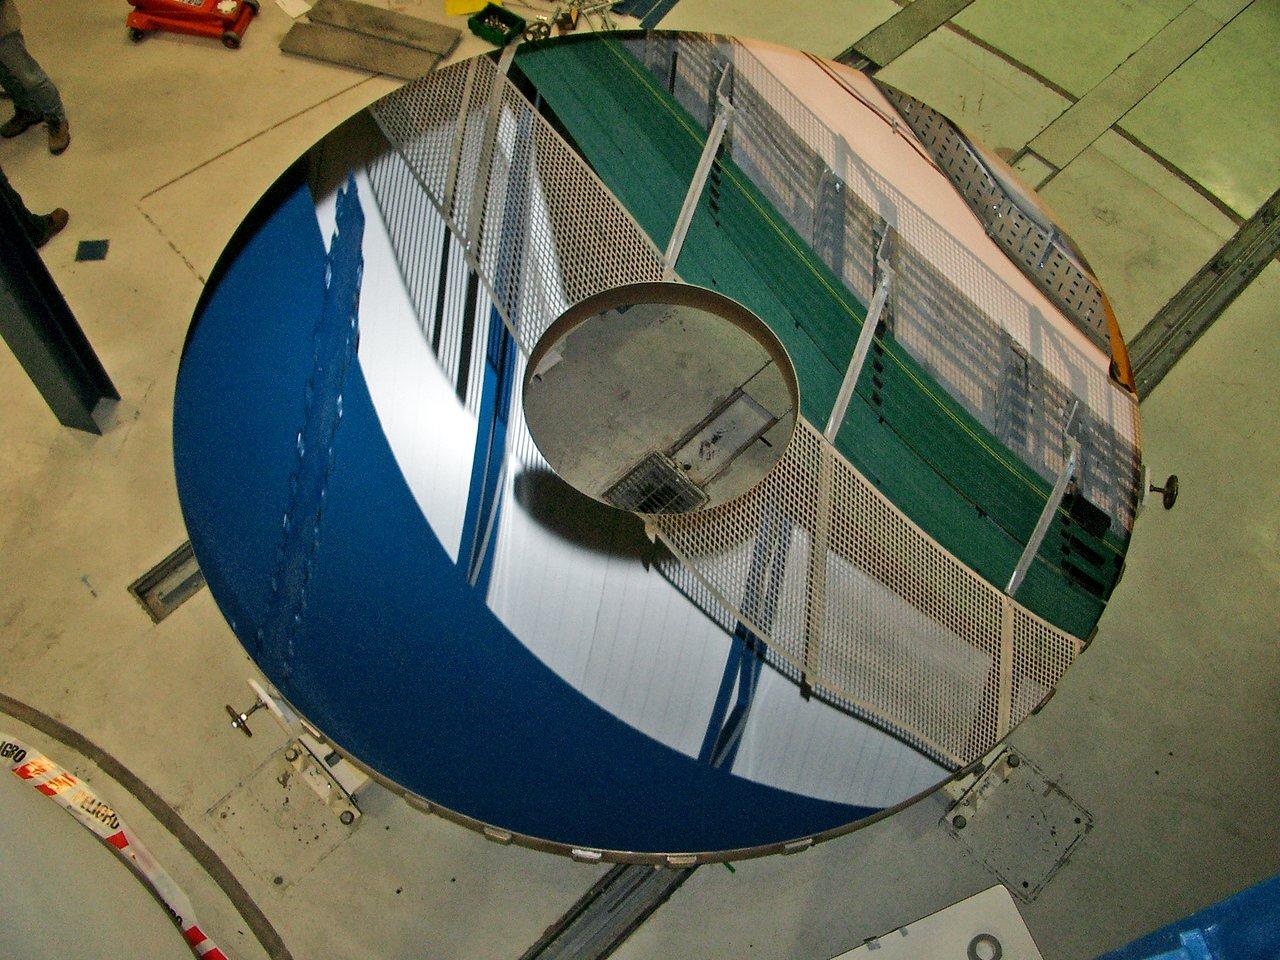 The 4.1 m diameter VISTA main mirror